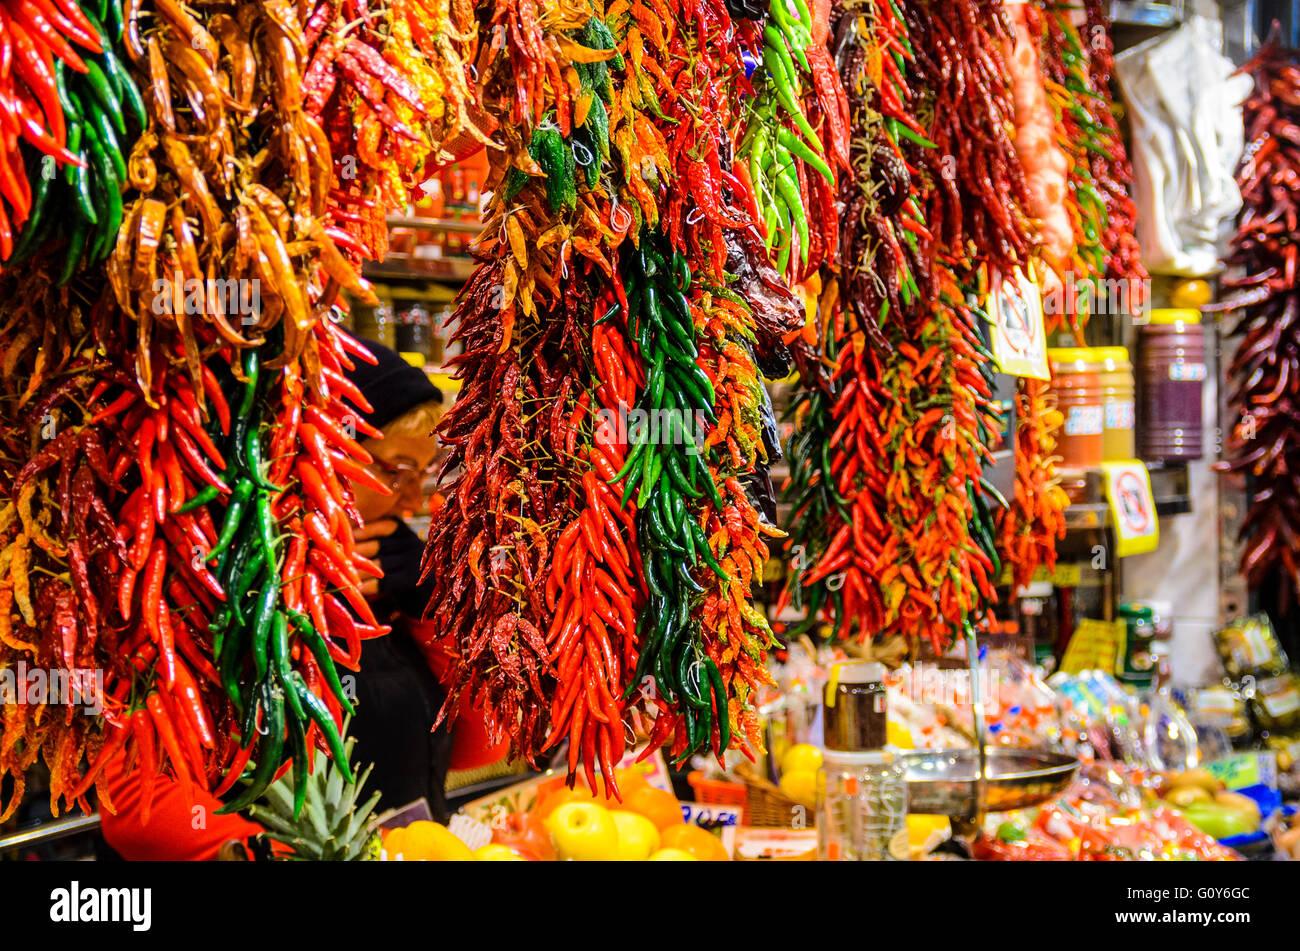 Stall selling chillies in Mercat de Sant Josep de la Boqueria, a market in Ciutat Vella Barcelona Catalonia Spain - Stock Image